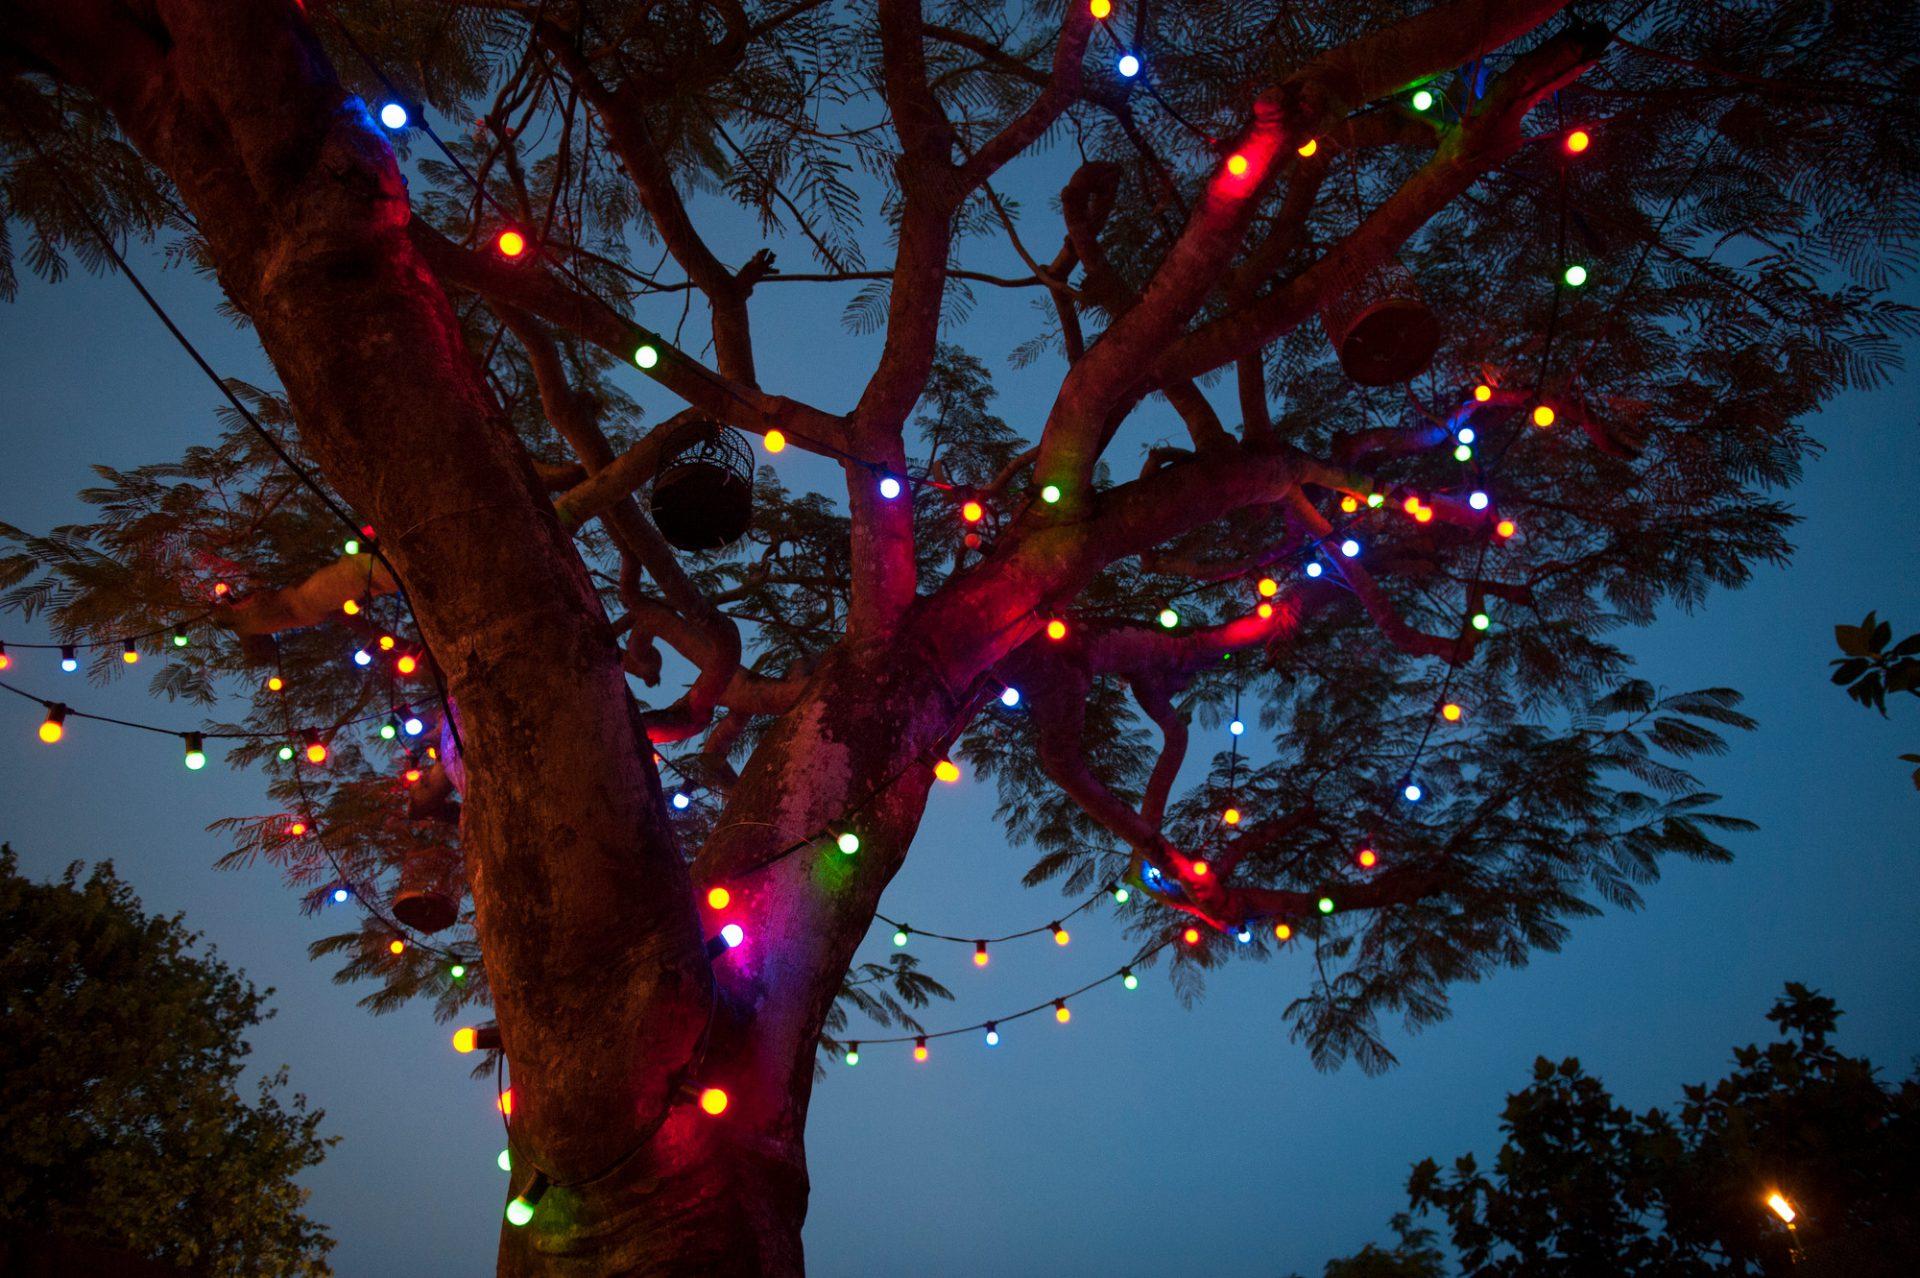 Photo: Lights cover a tree at Ocean Park, Hong Kong, China.